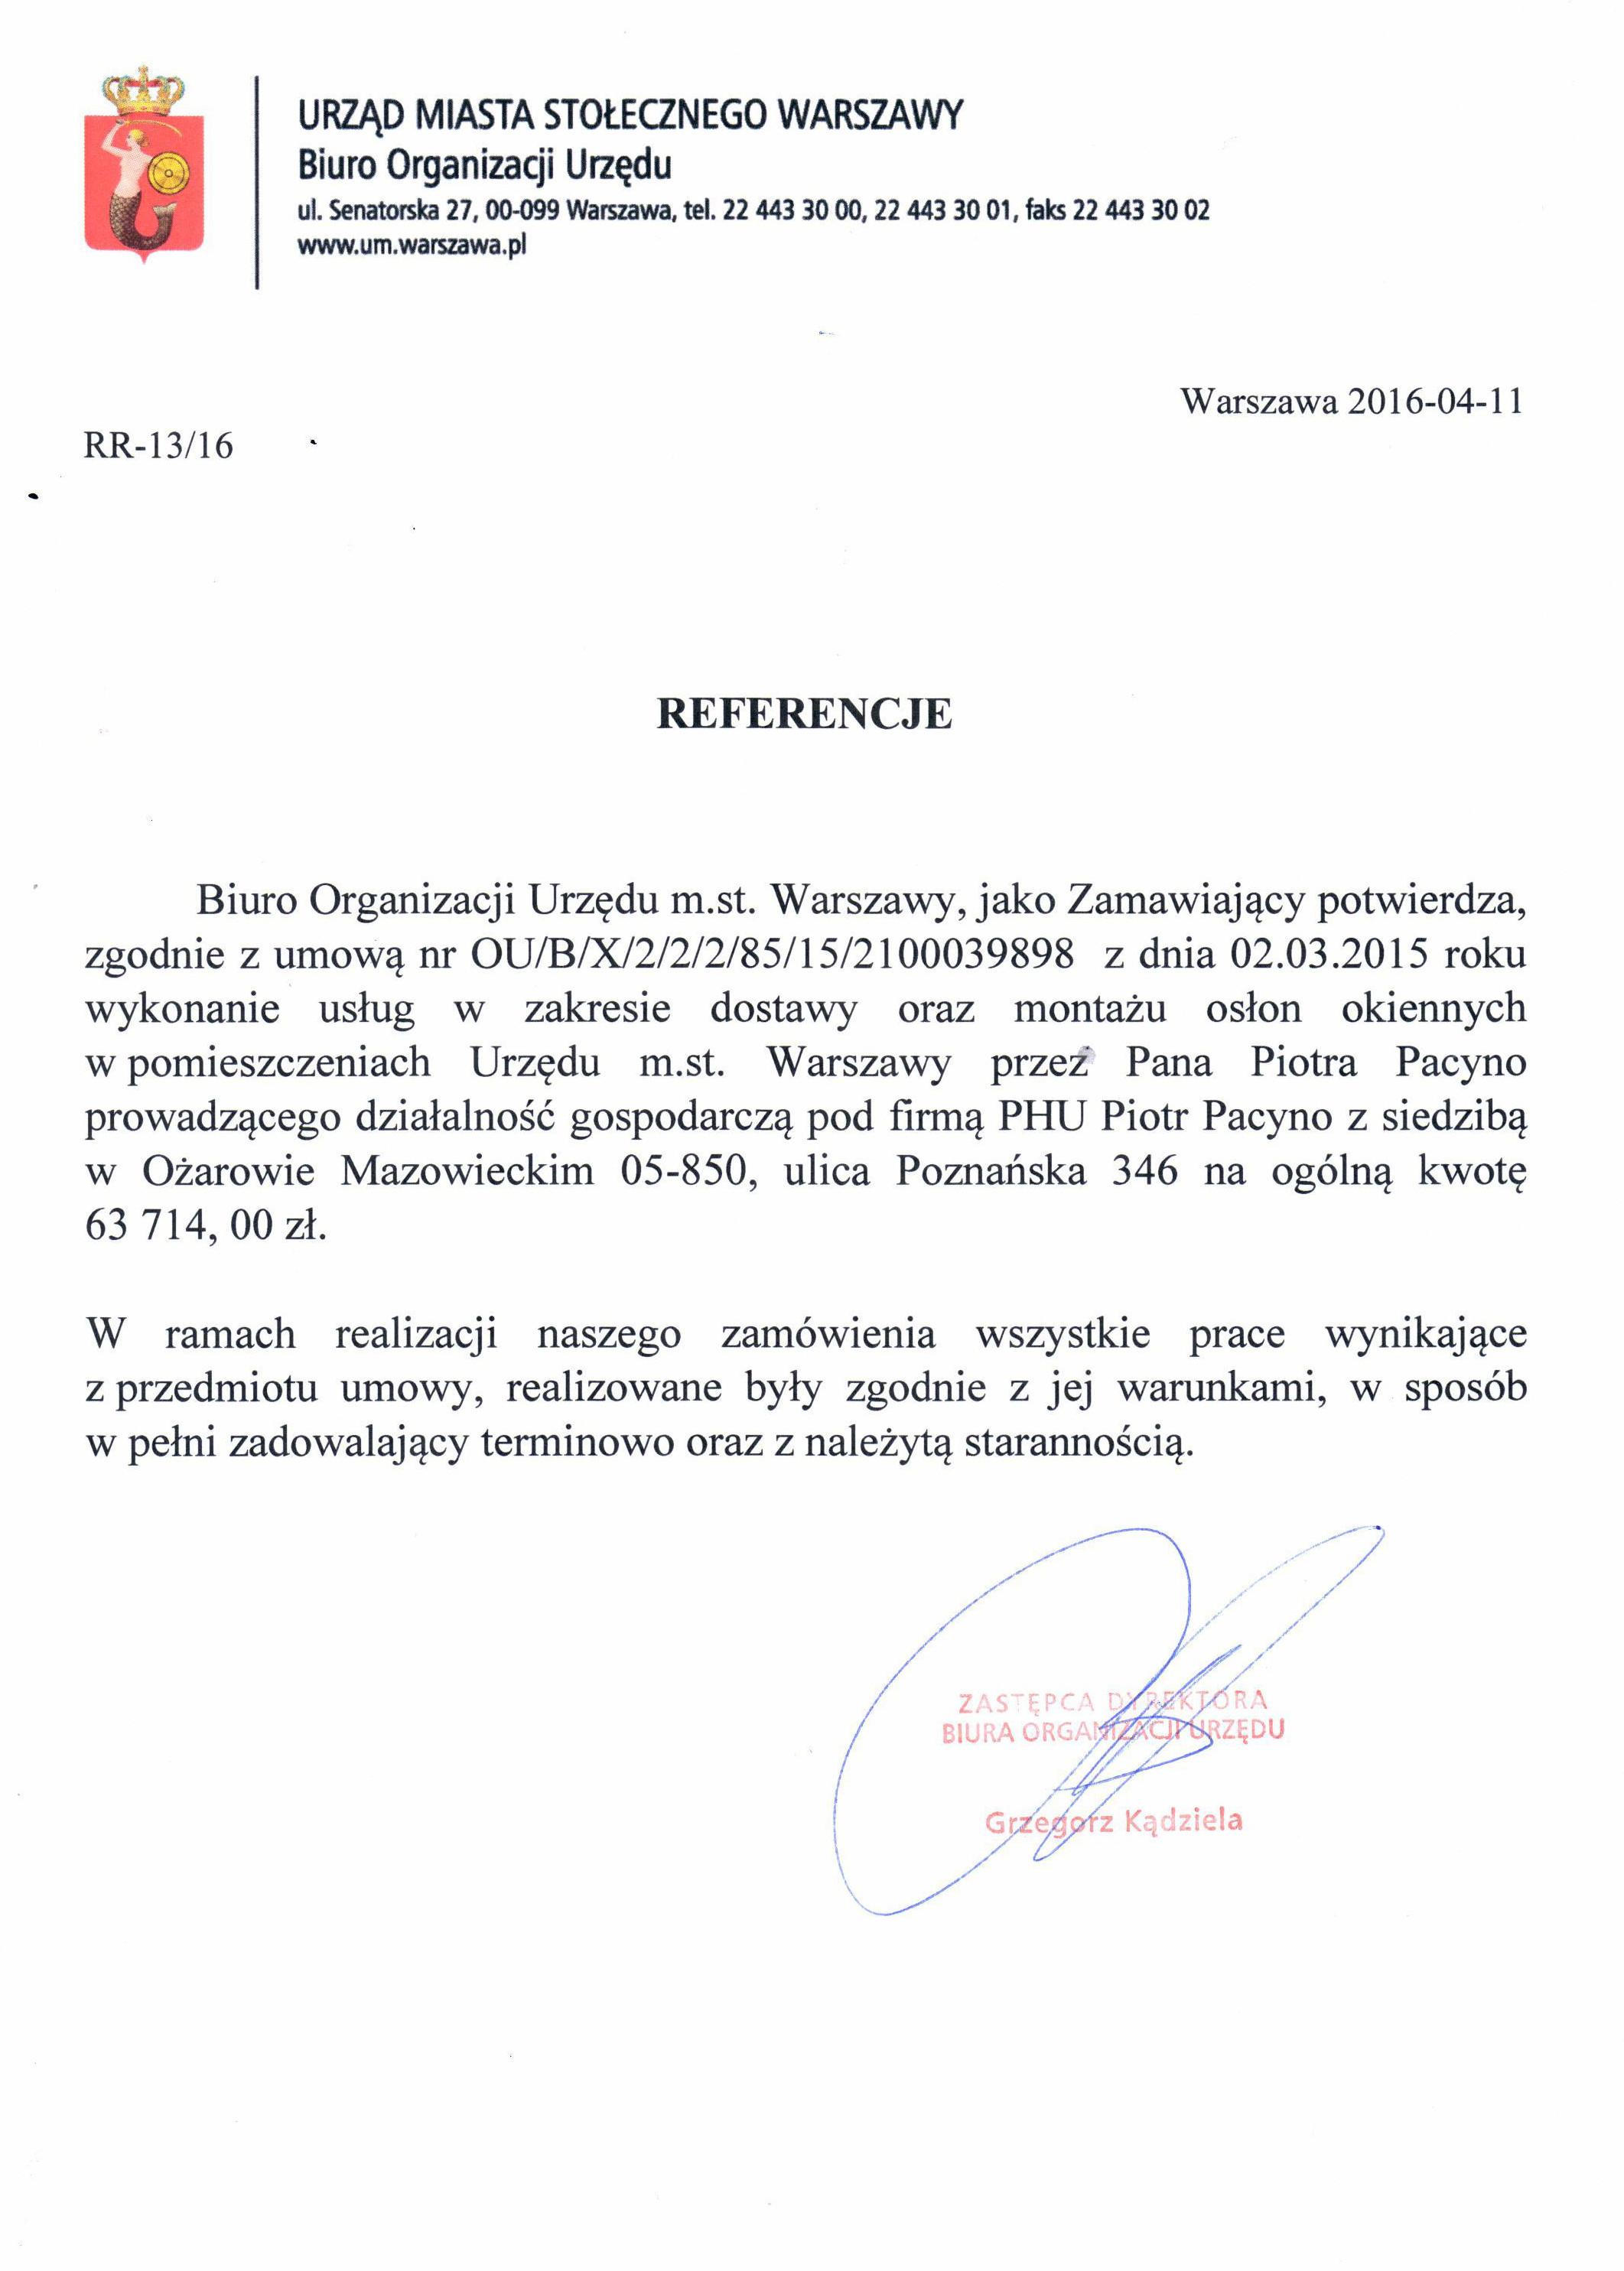 Referencje Urząd Miasta Stołecznego Warszawy